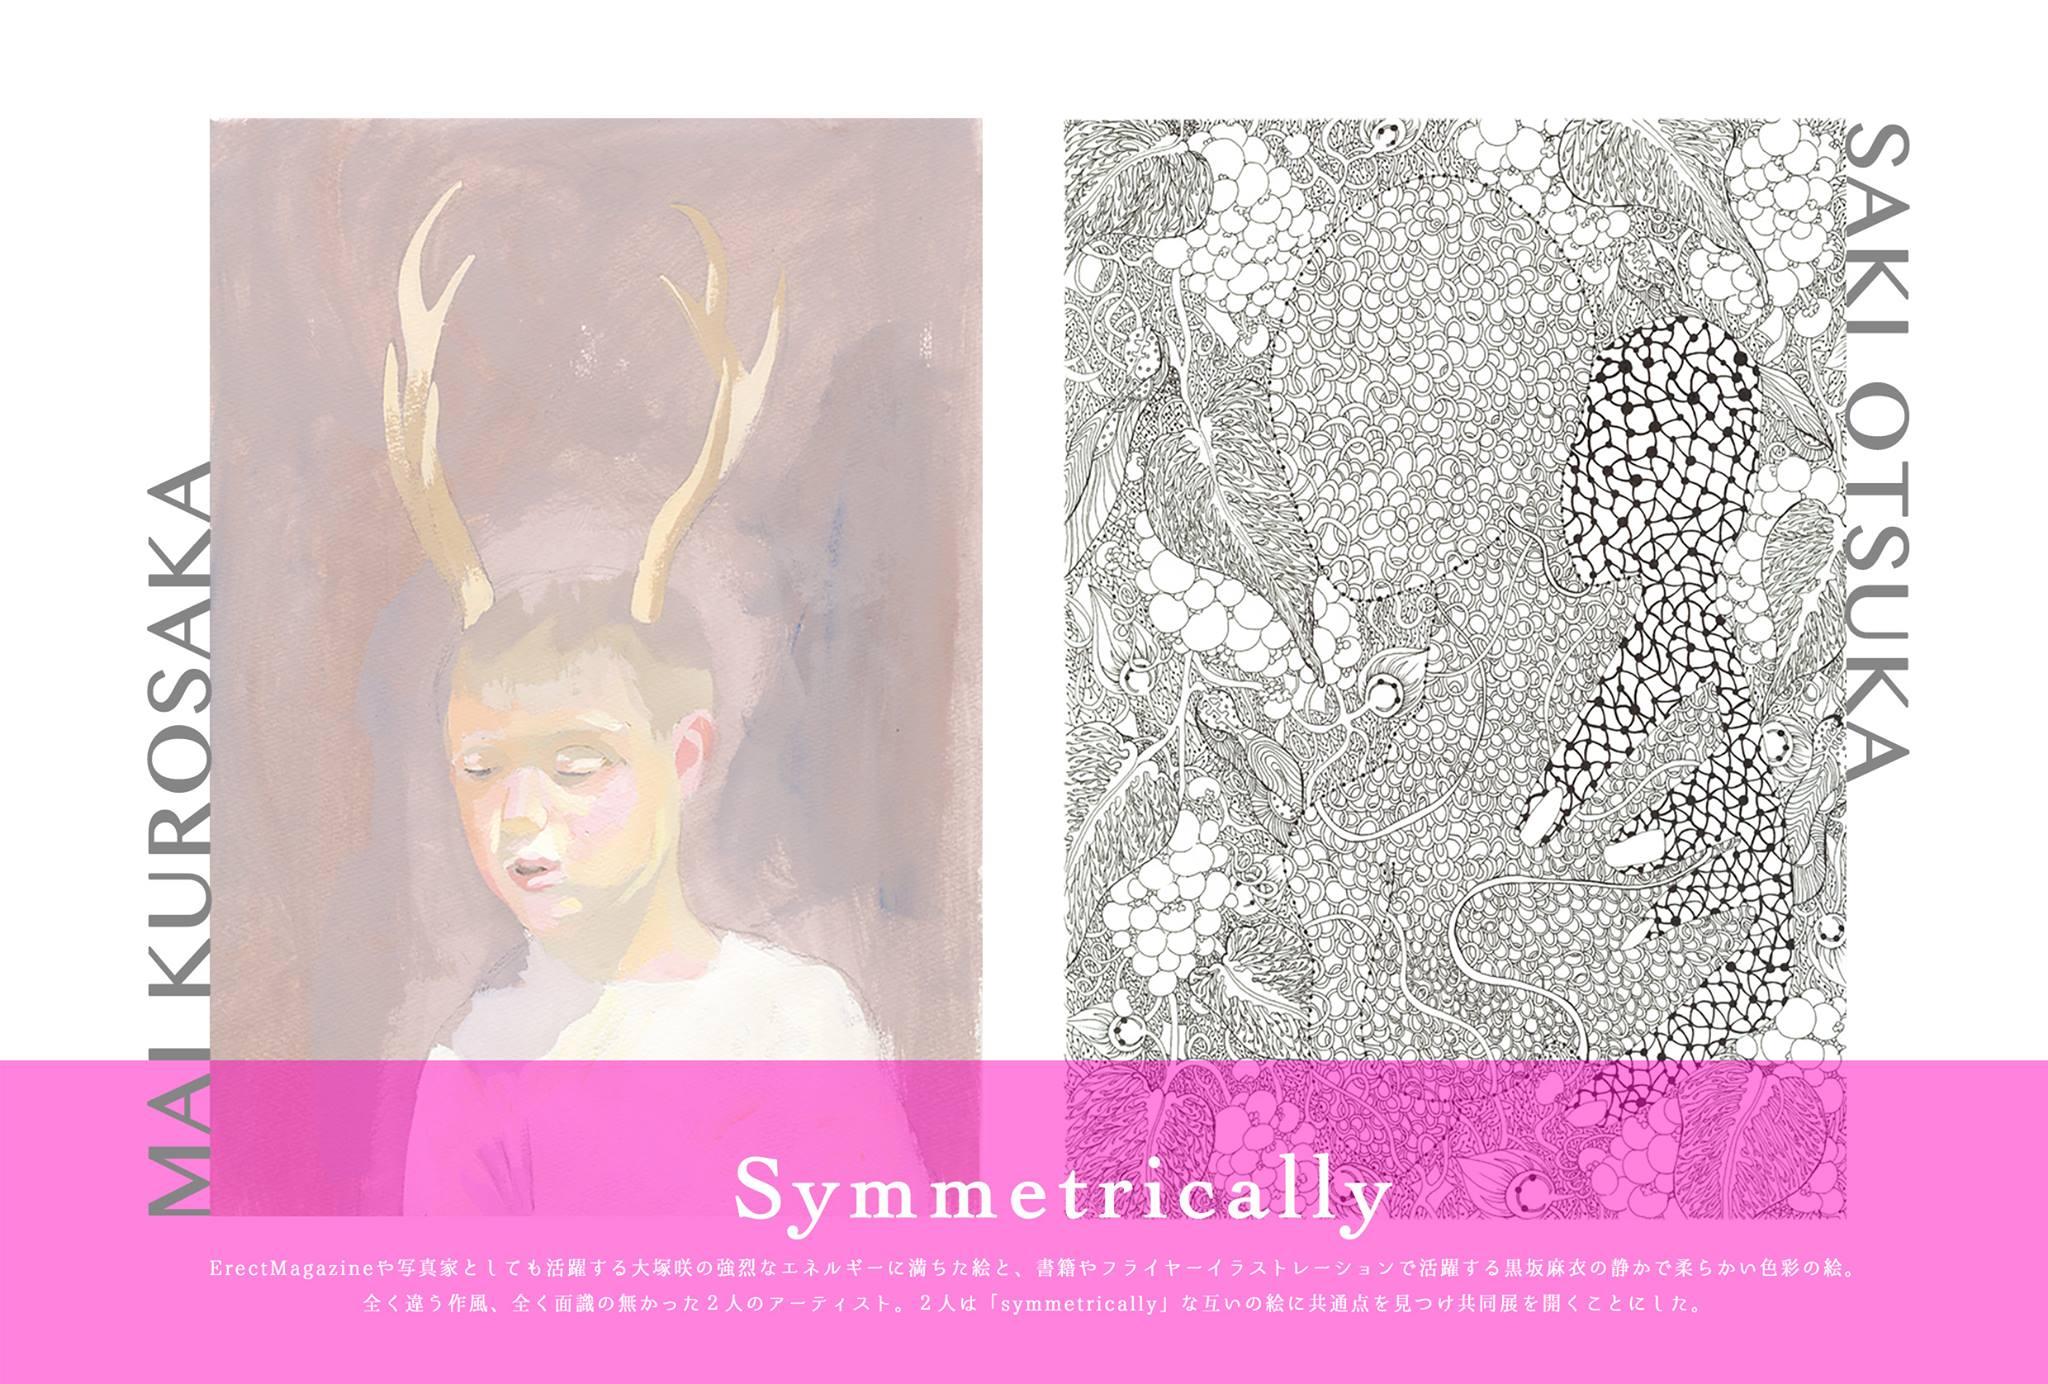 【今週のおすすめアート】大塚咲 × 黒坂麻衣 絵画展 『Symmetrically』